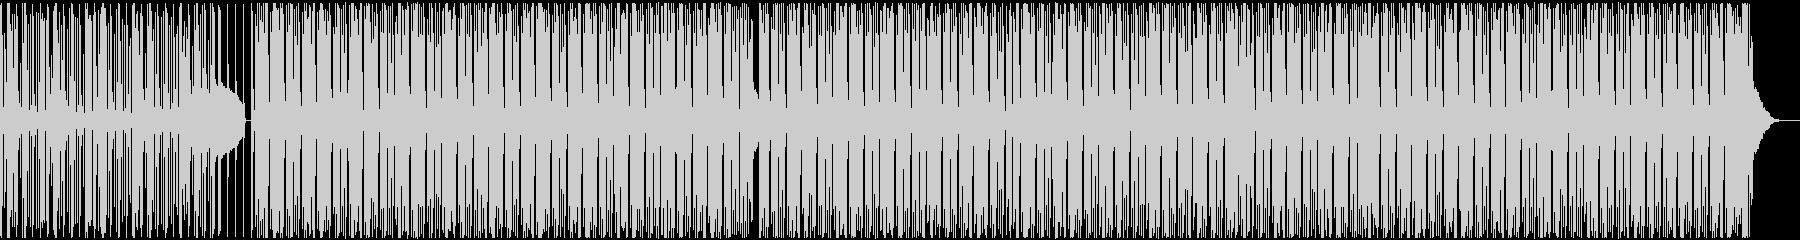 クイズのシンキングタイム的BGMの未再生の波形